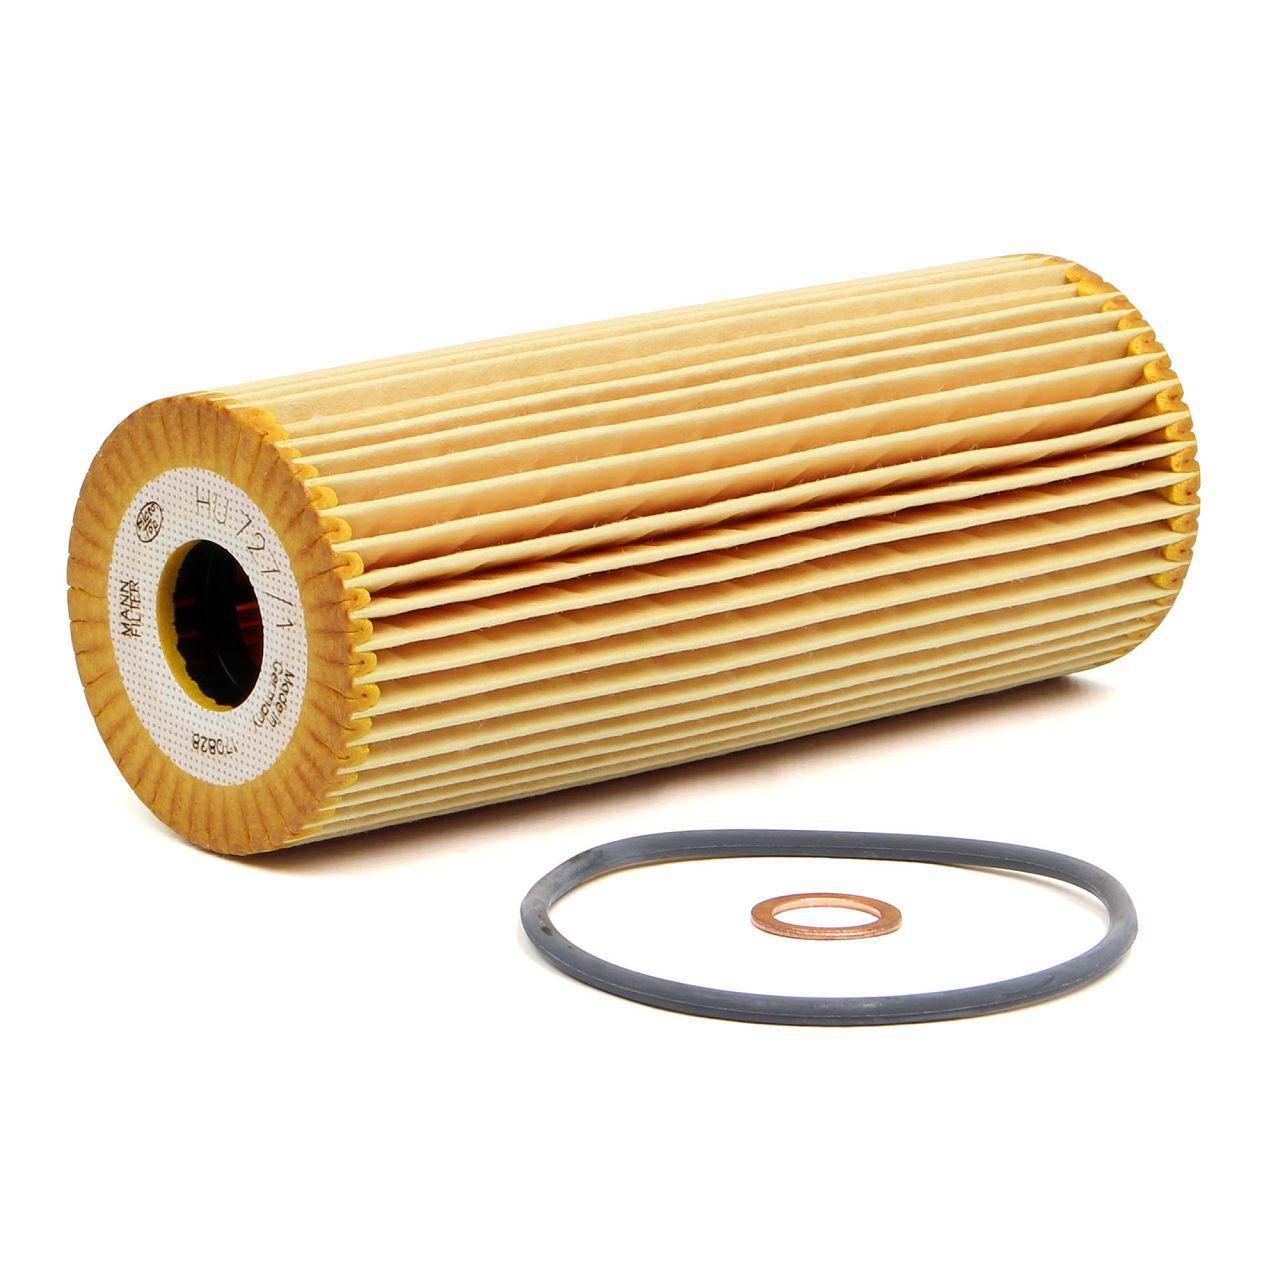 MANN Filterset für MERCEDES E-KLASSE W210 S210 E200 E230 E280 E320 136-220 PS